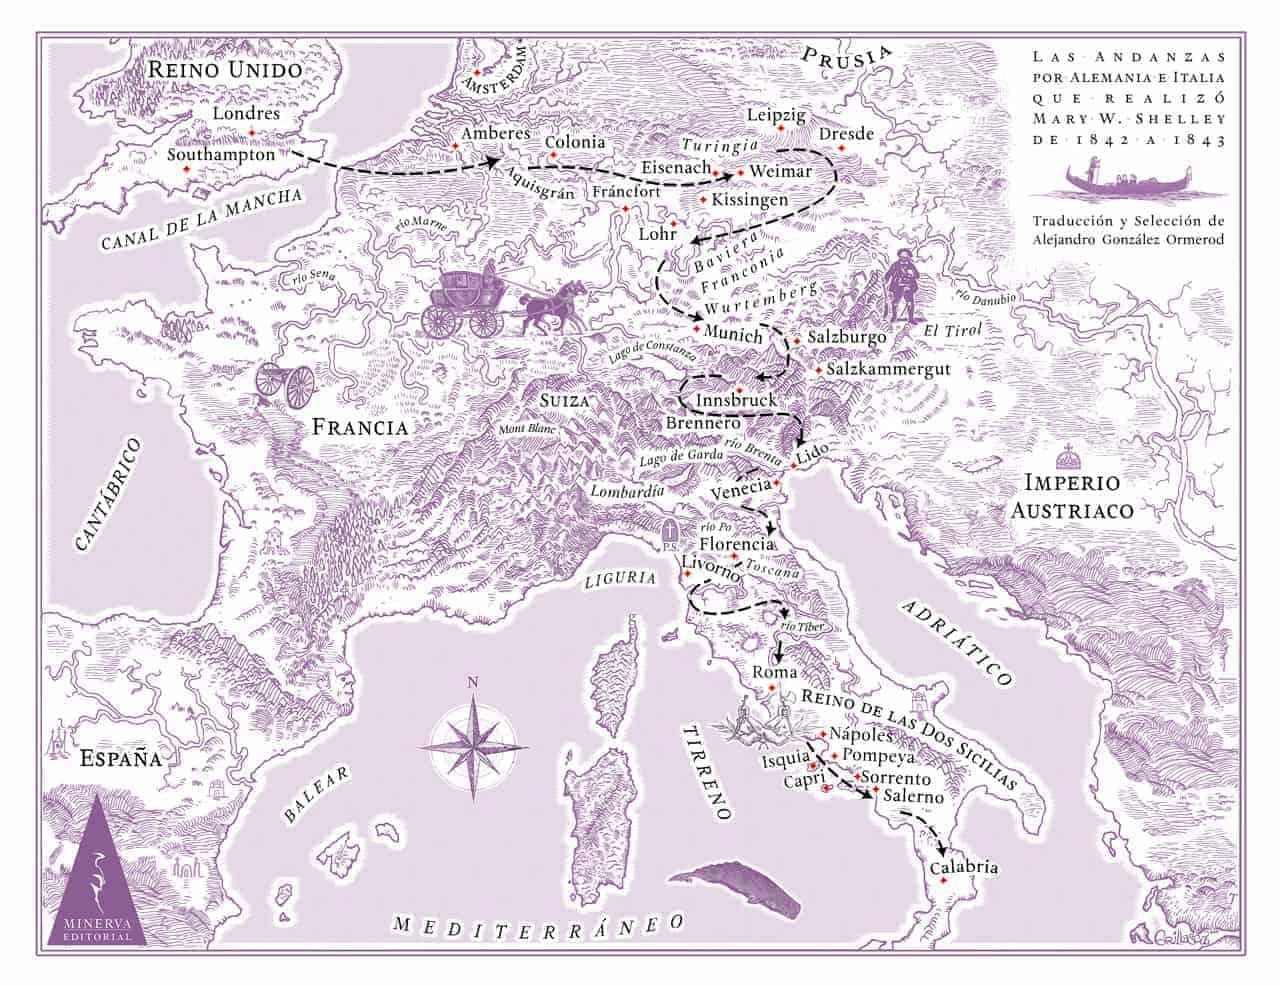 Mary S. Shelly viaje por Europa